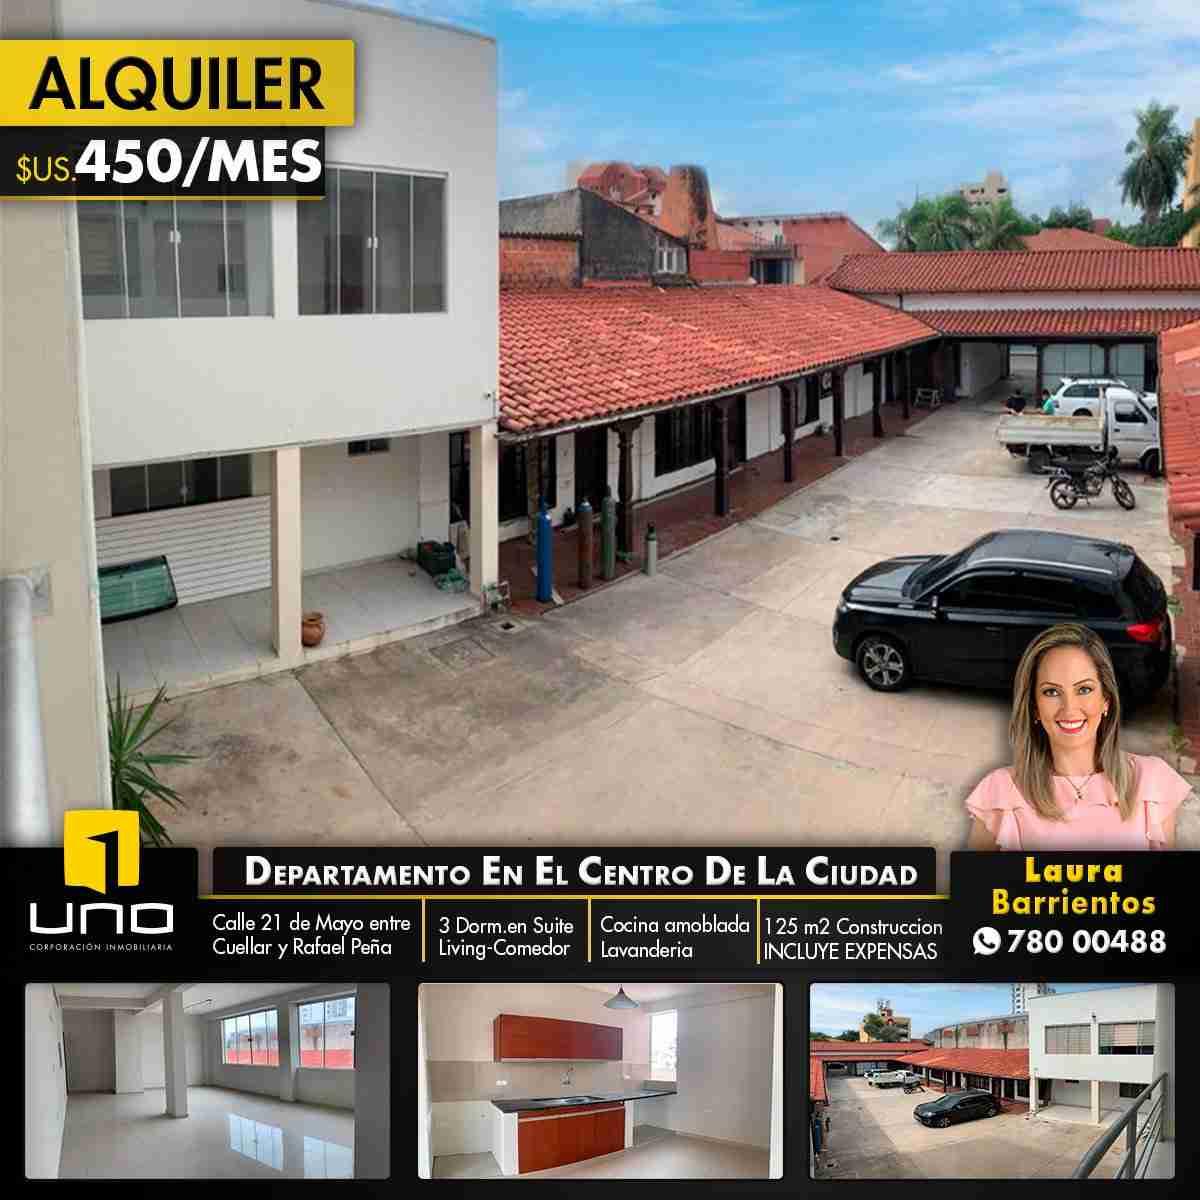 DEPARTAMENTO DE 3 DORMITORIOS EN ALQUILER EN EL CENTRO DE LA CIUDAD, ideal para vivienda o negocio